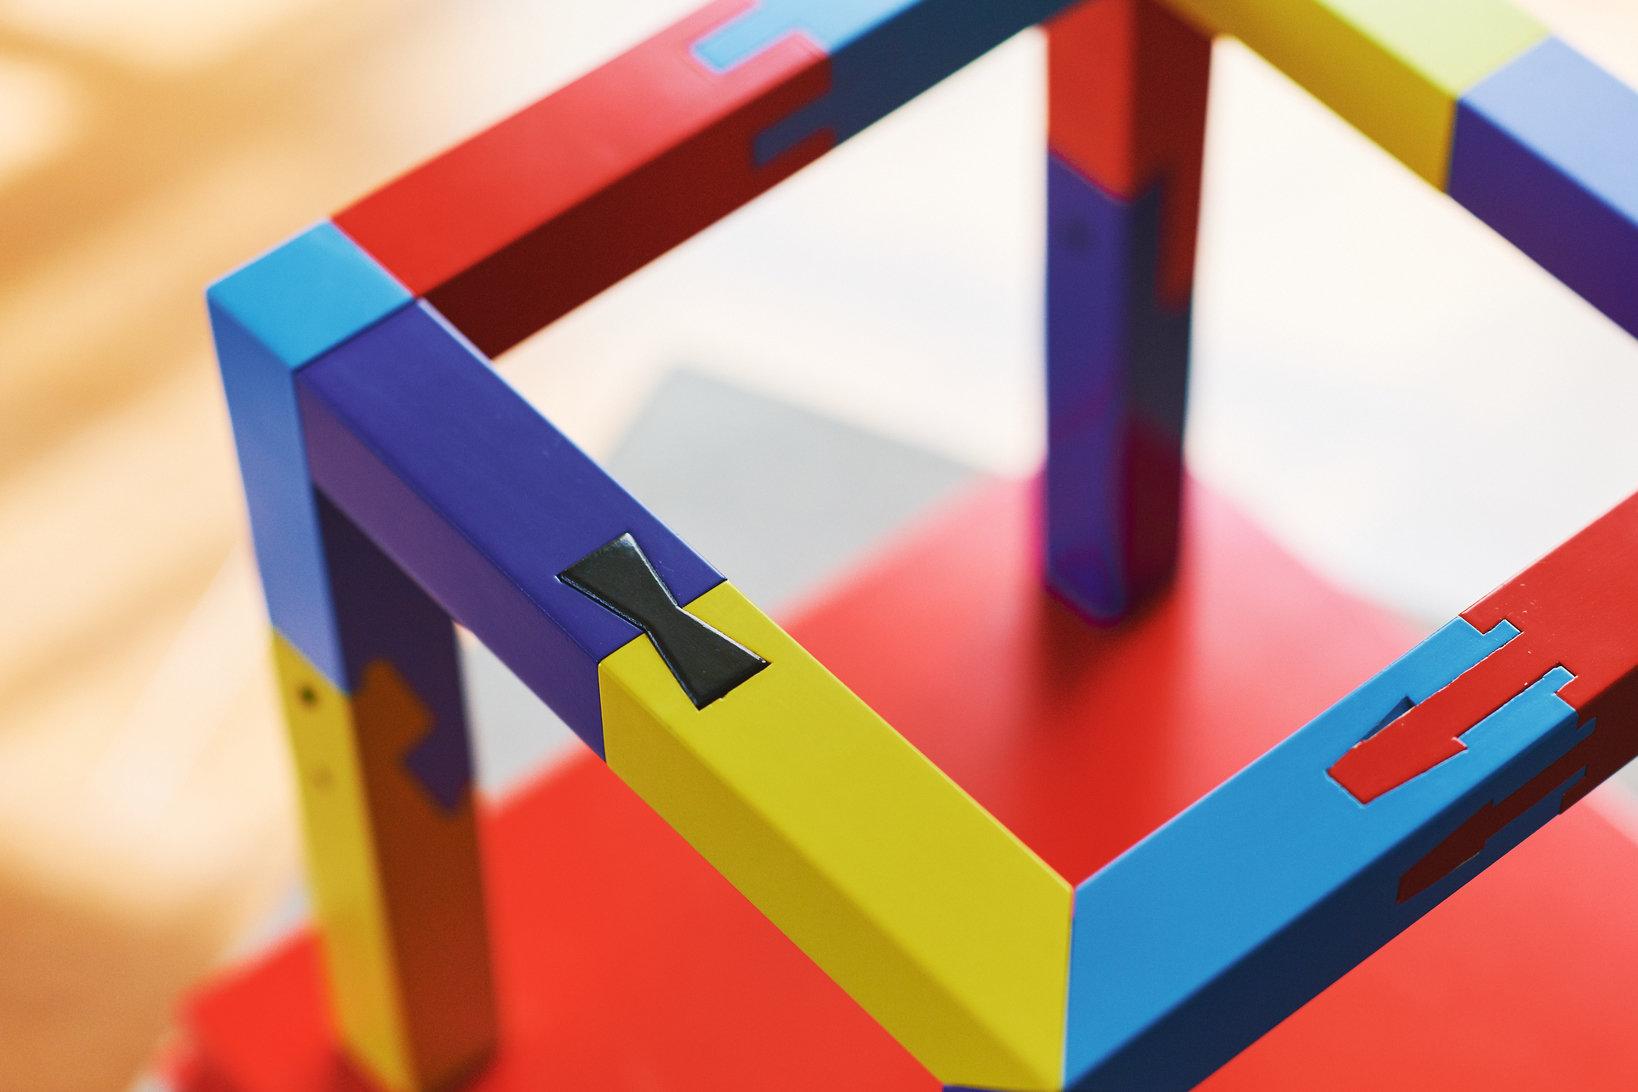 20本の部品から構成されており、それぞれが異なる組み方で組まれている。